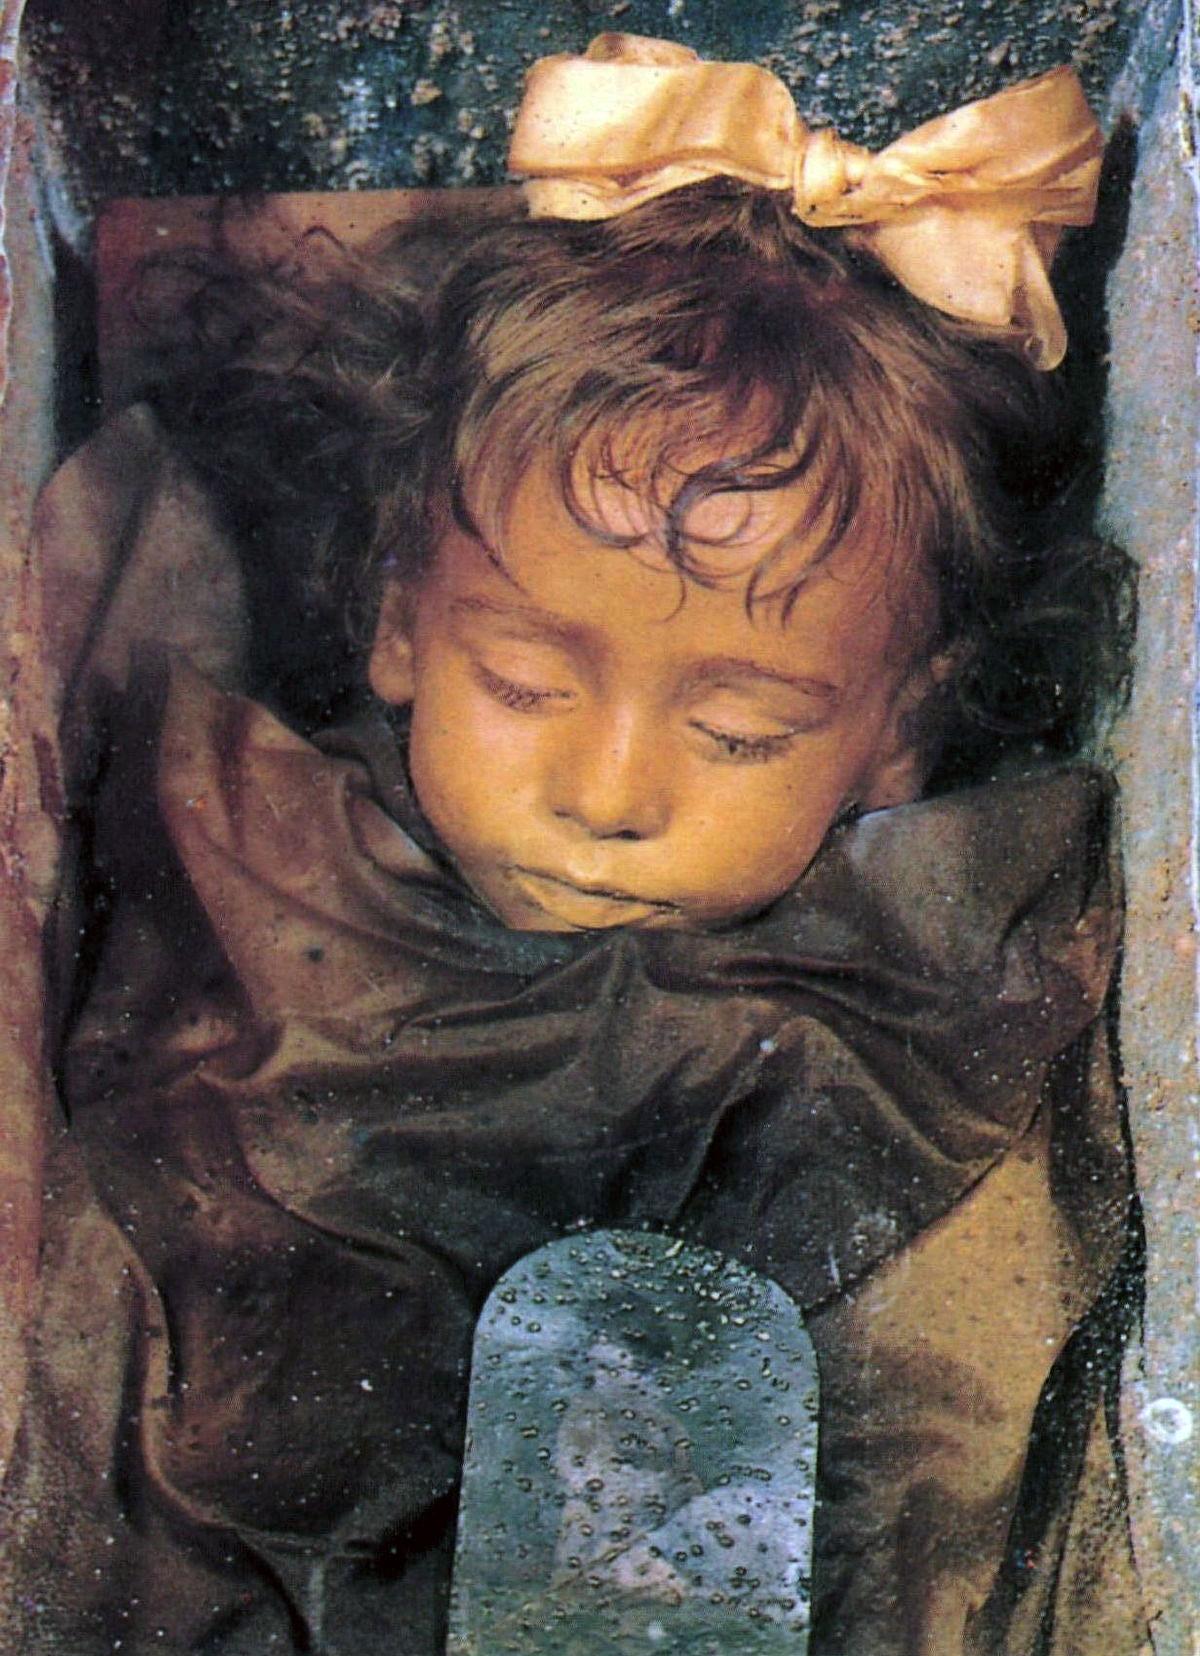 Rosalia Lombardo, the Sleeping Beauty child mummy of the Capuchin catacombs